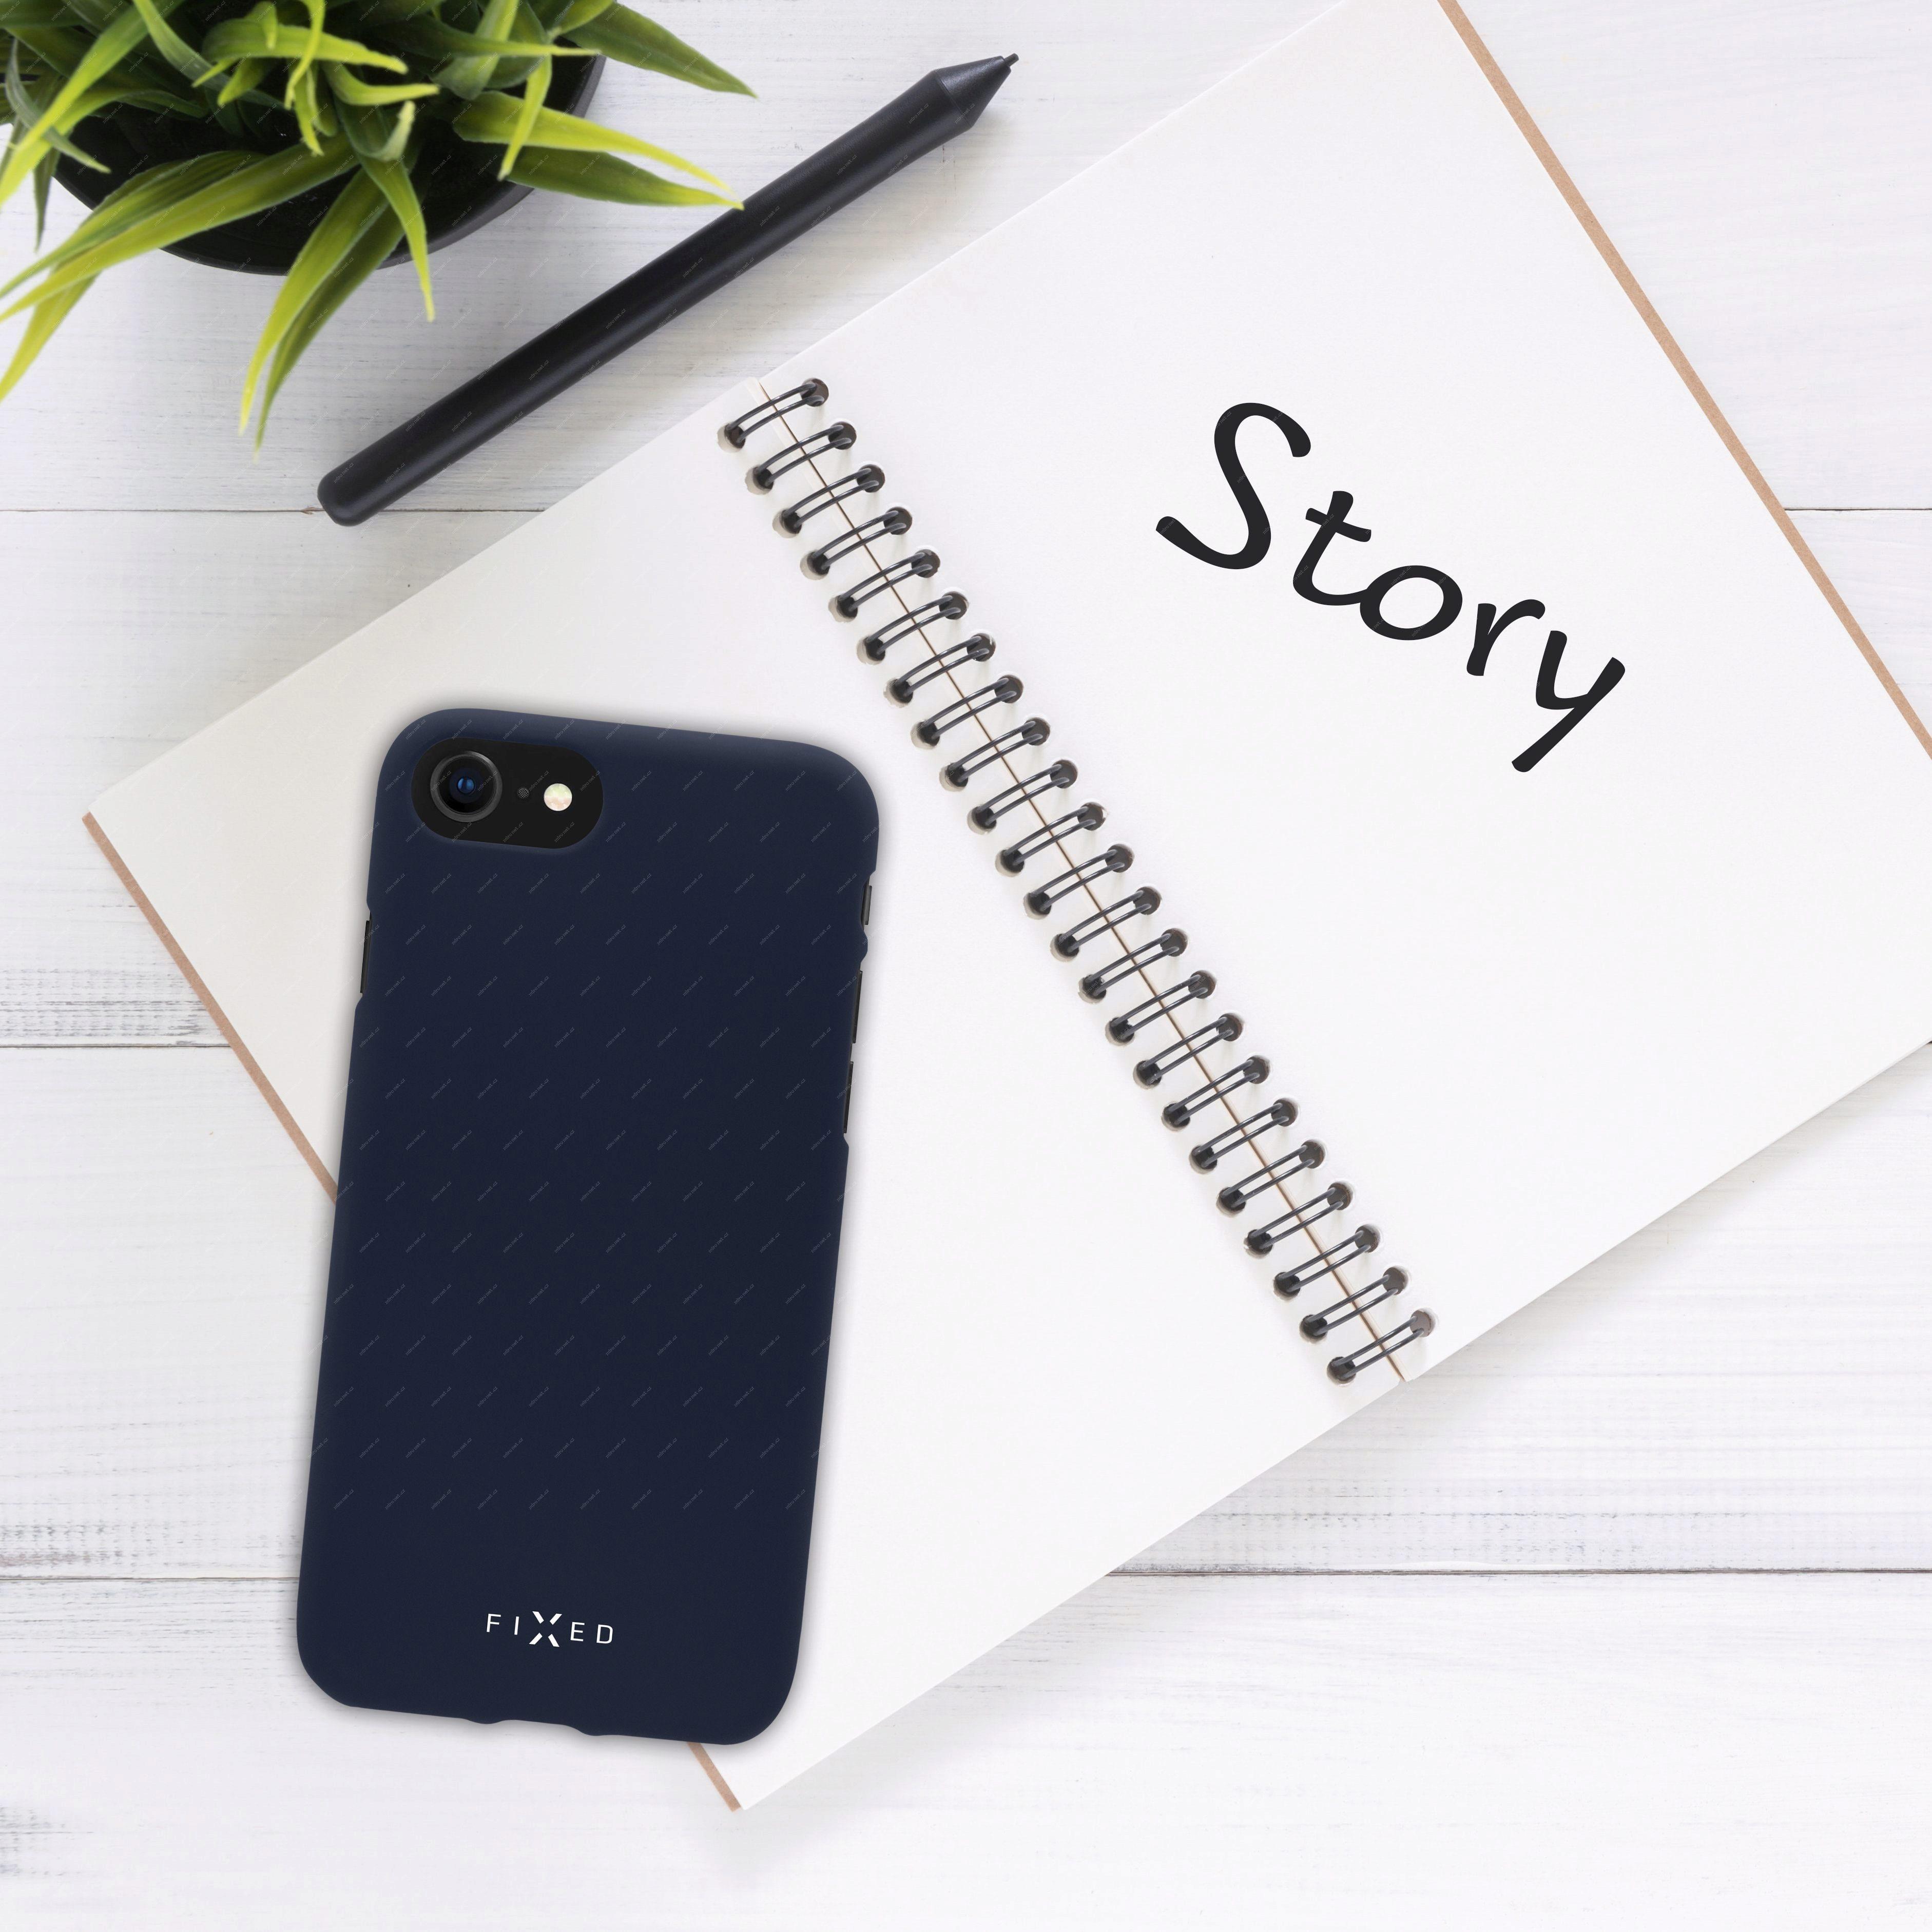 69415954 - FIXED Story Zadní silikonový kryt pro Huawei Y6 Prime (2018)  modrá aba63182d03